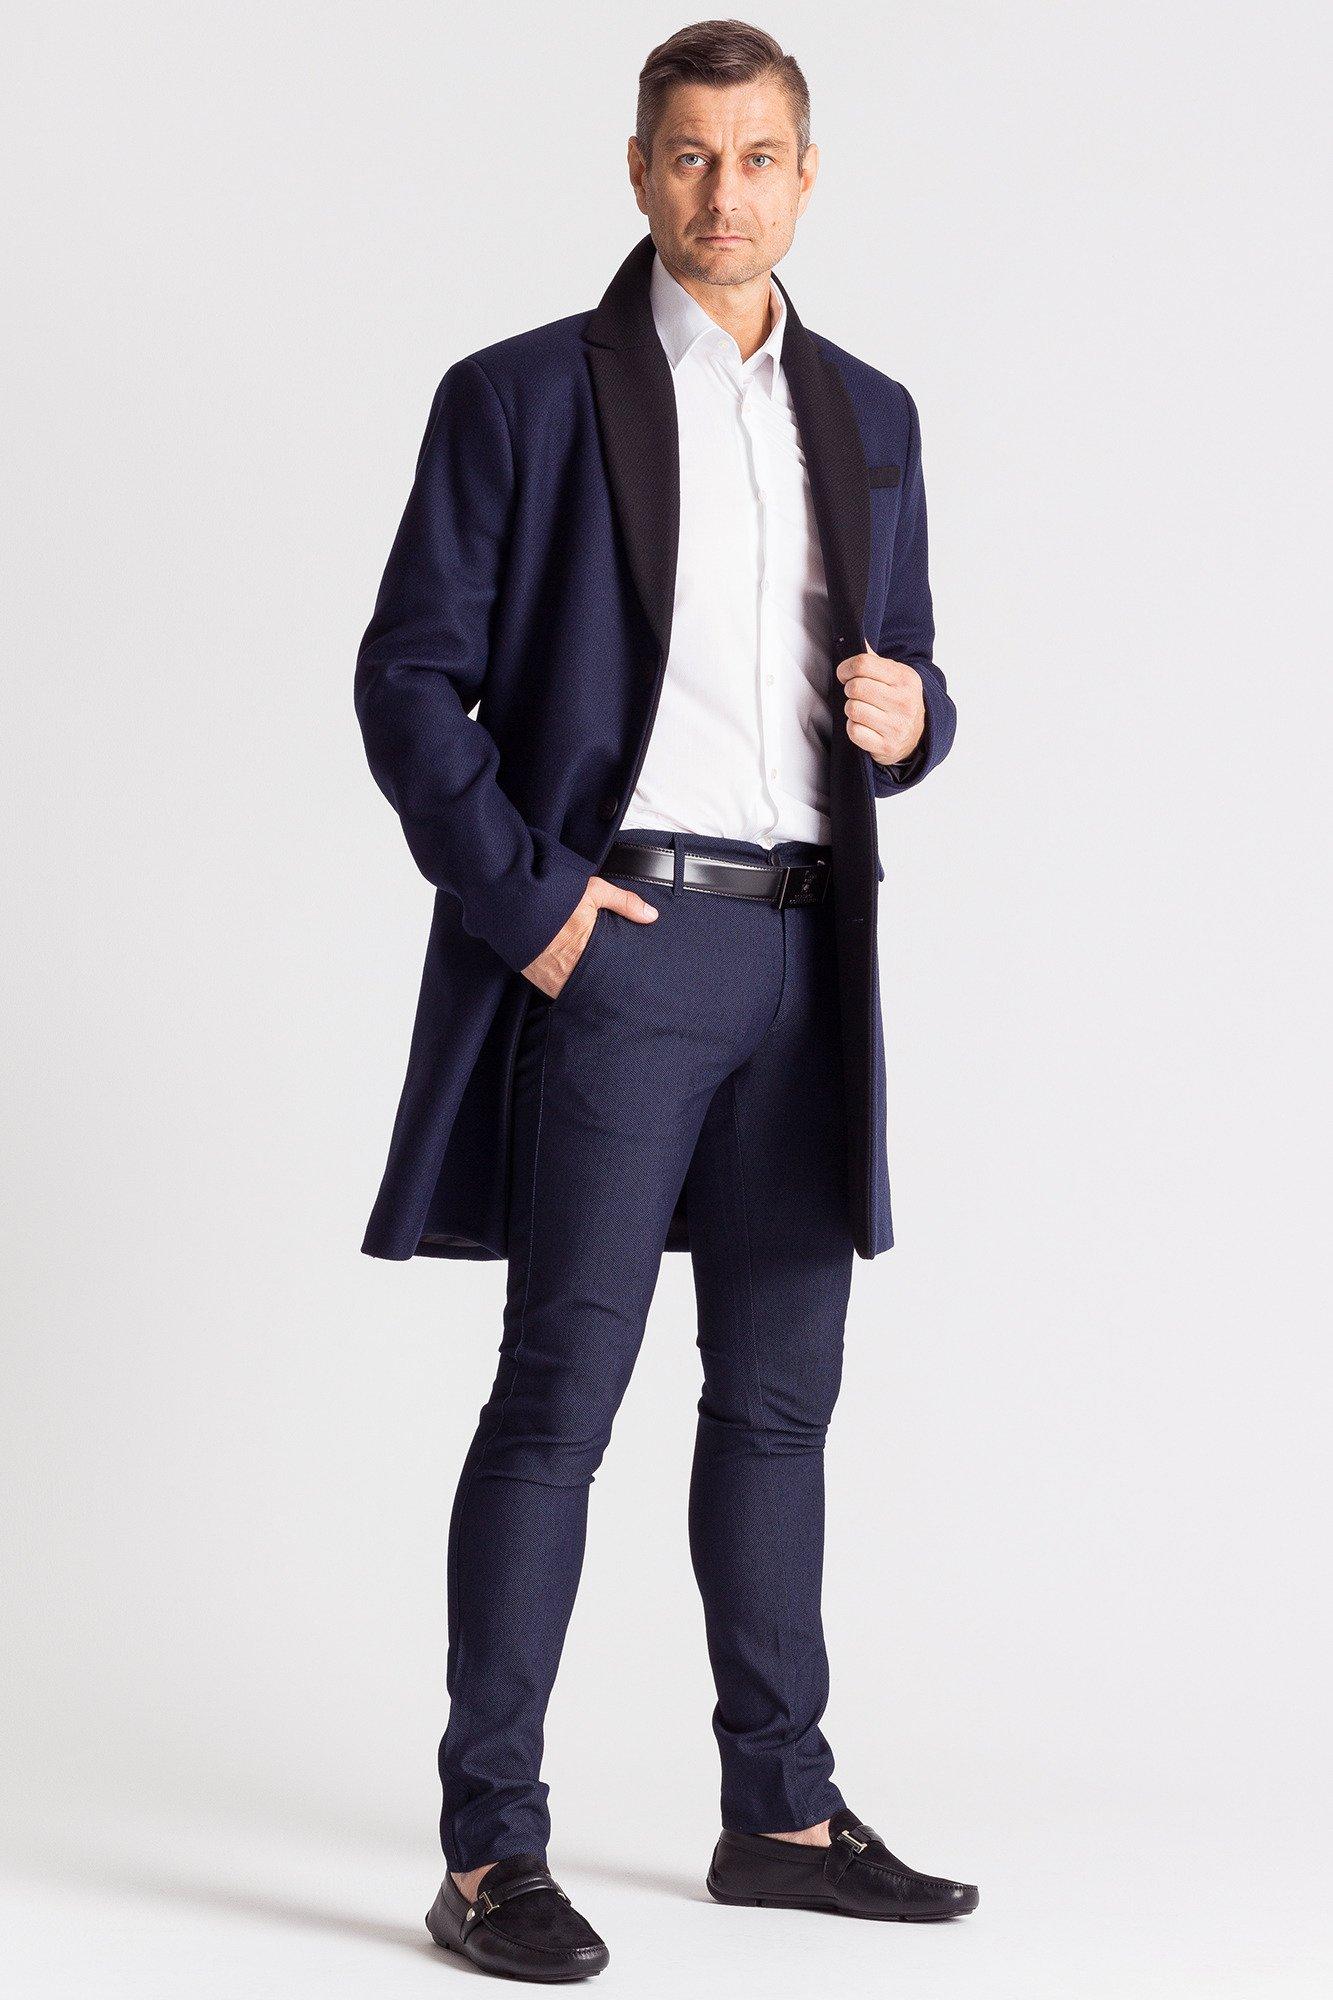 Płaszcz męski Top Secret z kolekcji jesień-zima Prosty, długi płaszcz męski ze stójką. Bawełniany płaszcz z domieszką tworzywa, idealny na chłodniejsze dni, doskonale sprawdzi się w codziennych męskich stylizacjach.